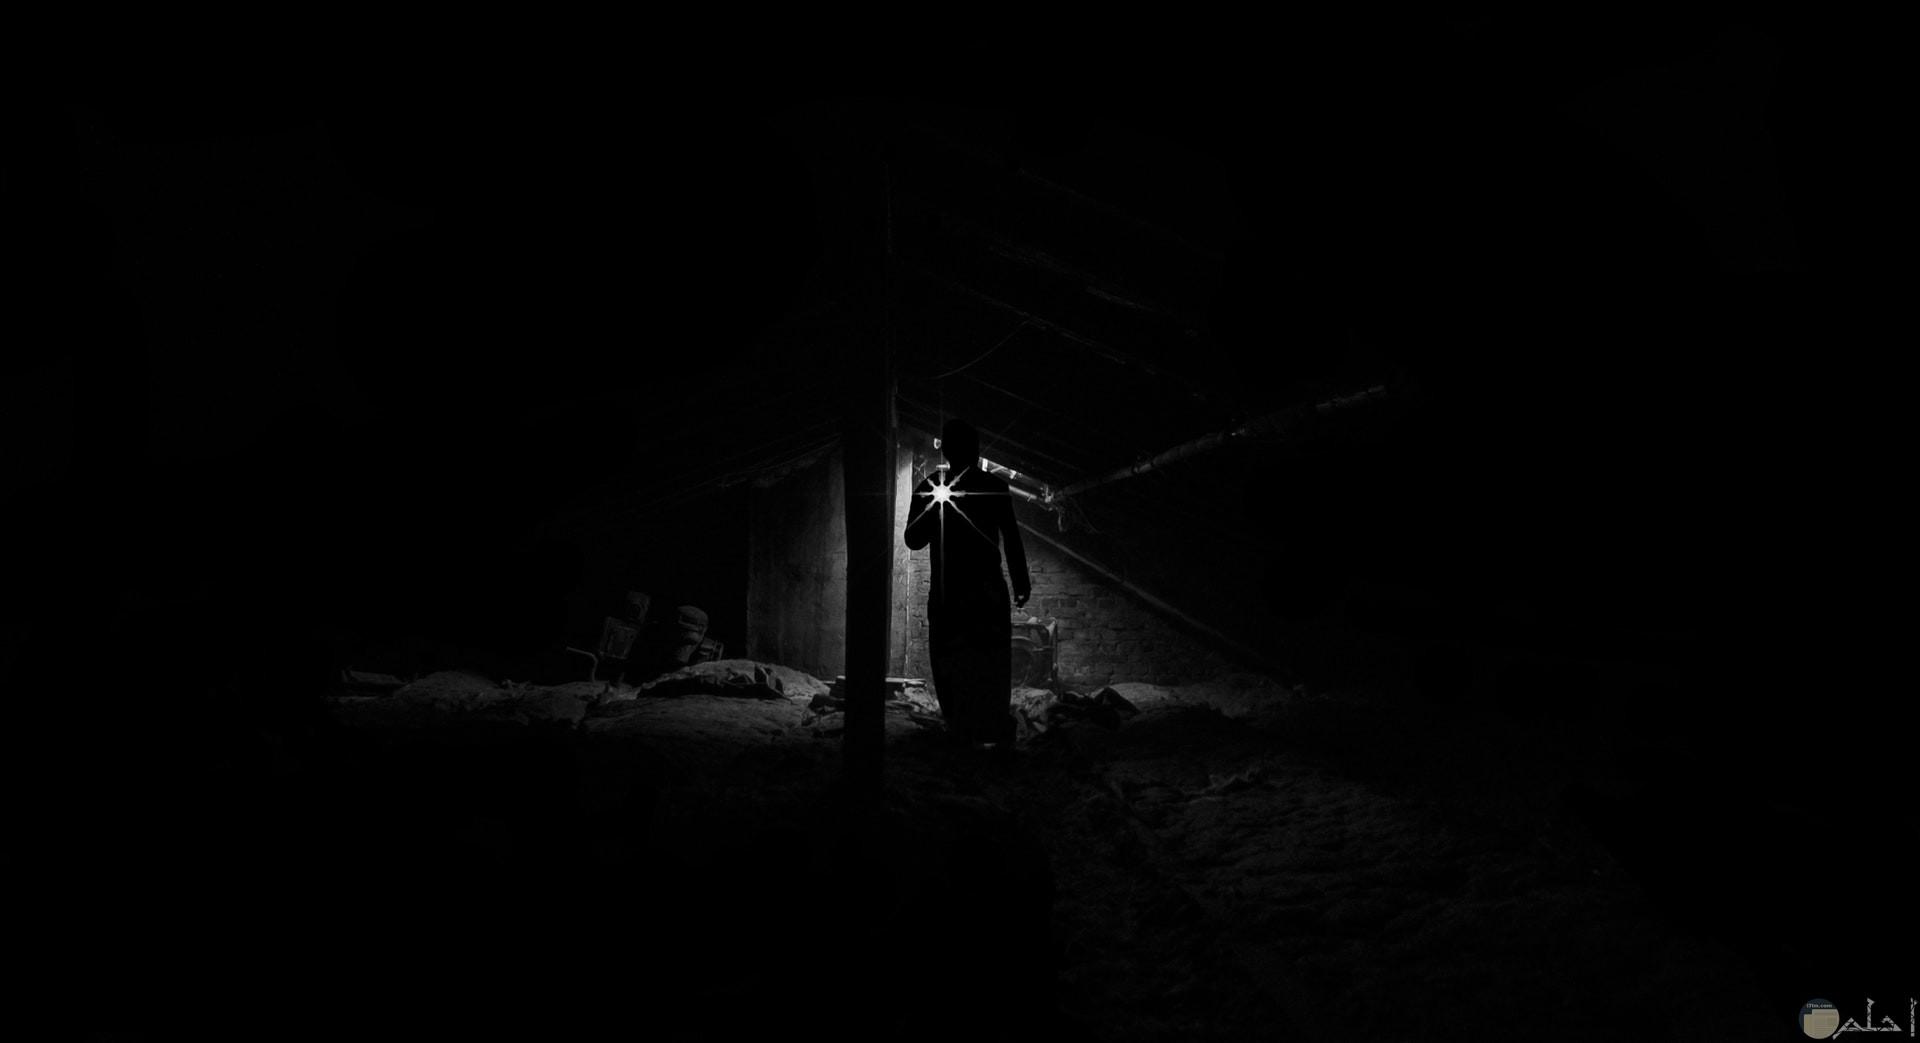 صورة رعب لشخص في مكان مخيف ومظلم ممسك بكشاف للإضاءة فقط